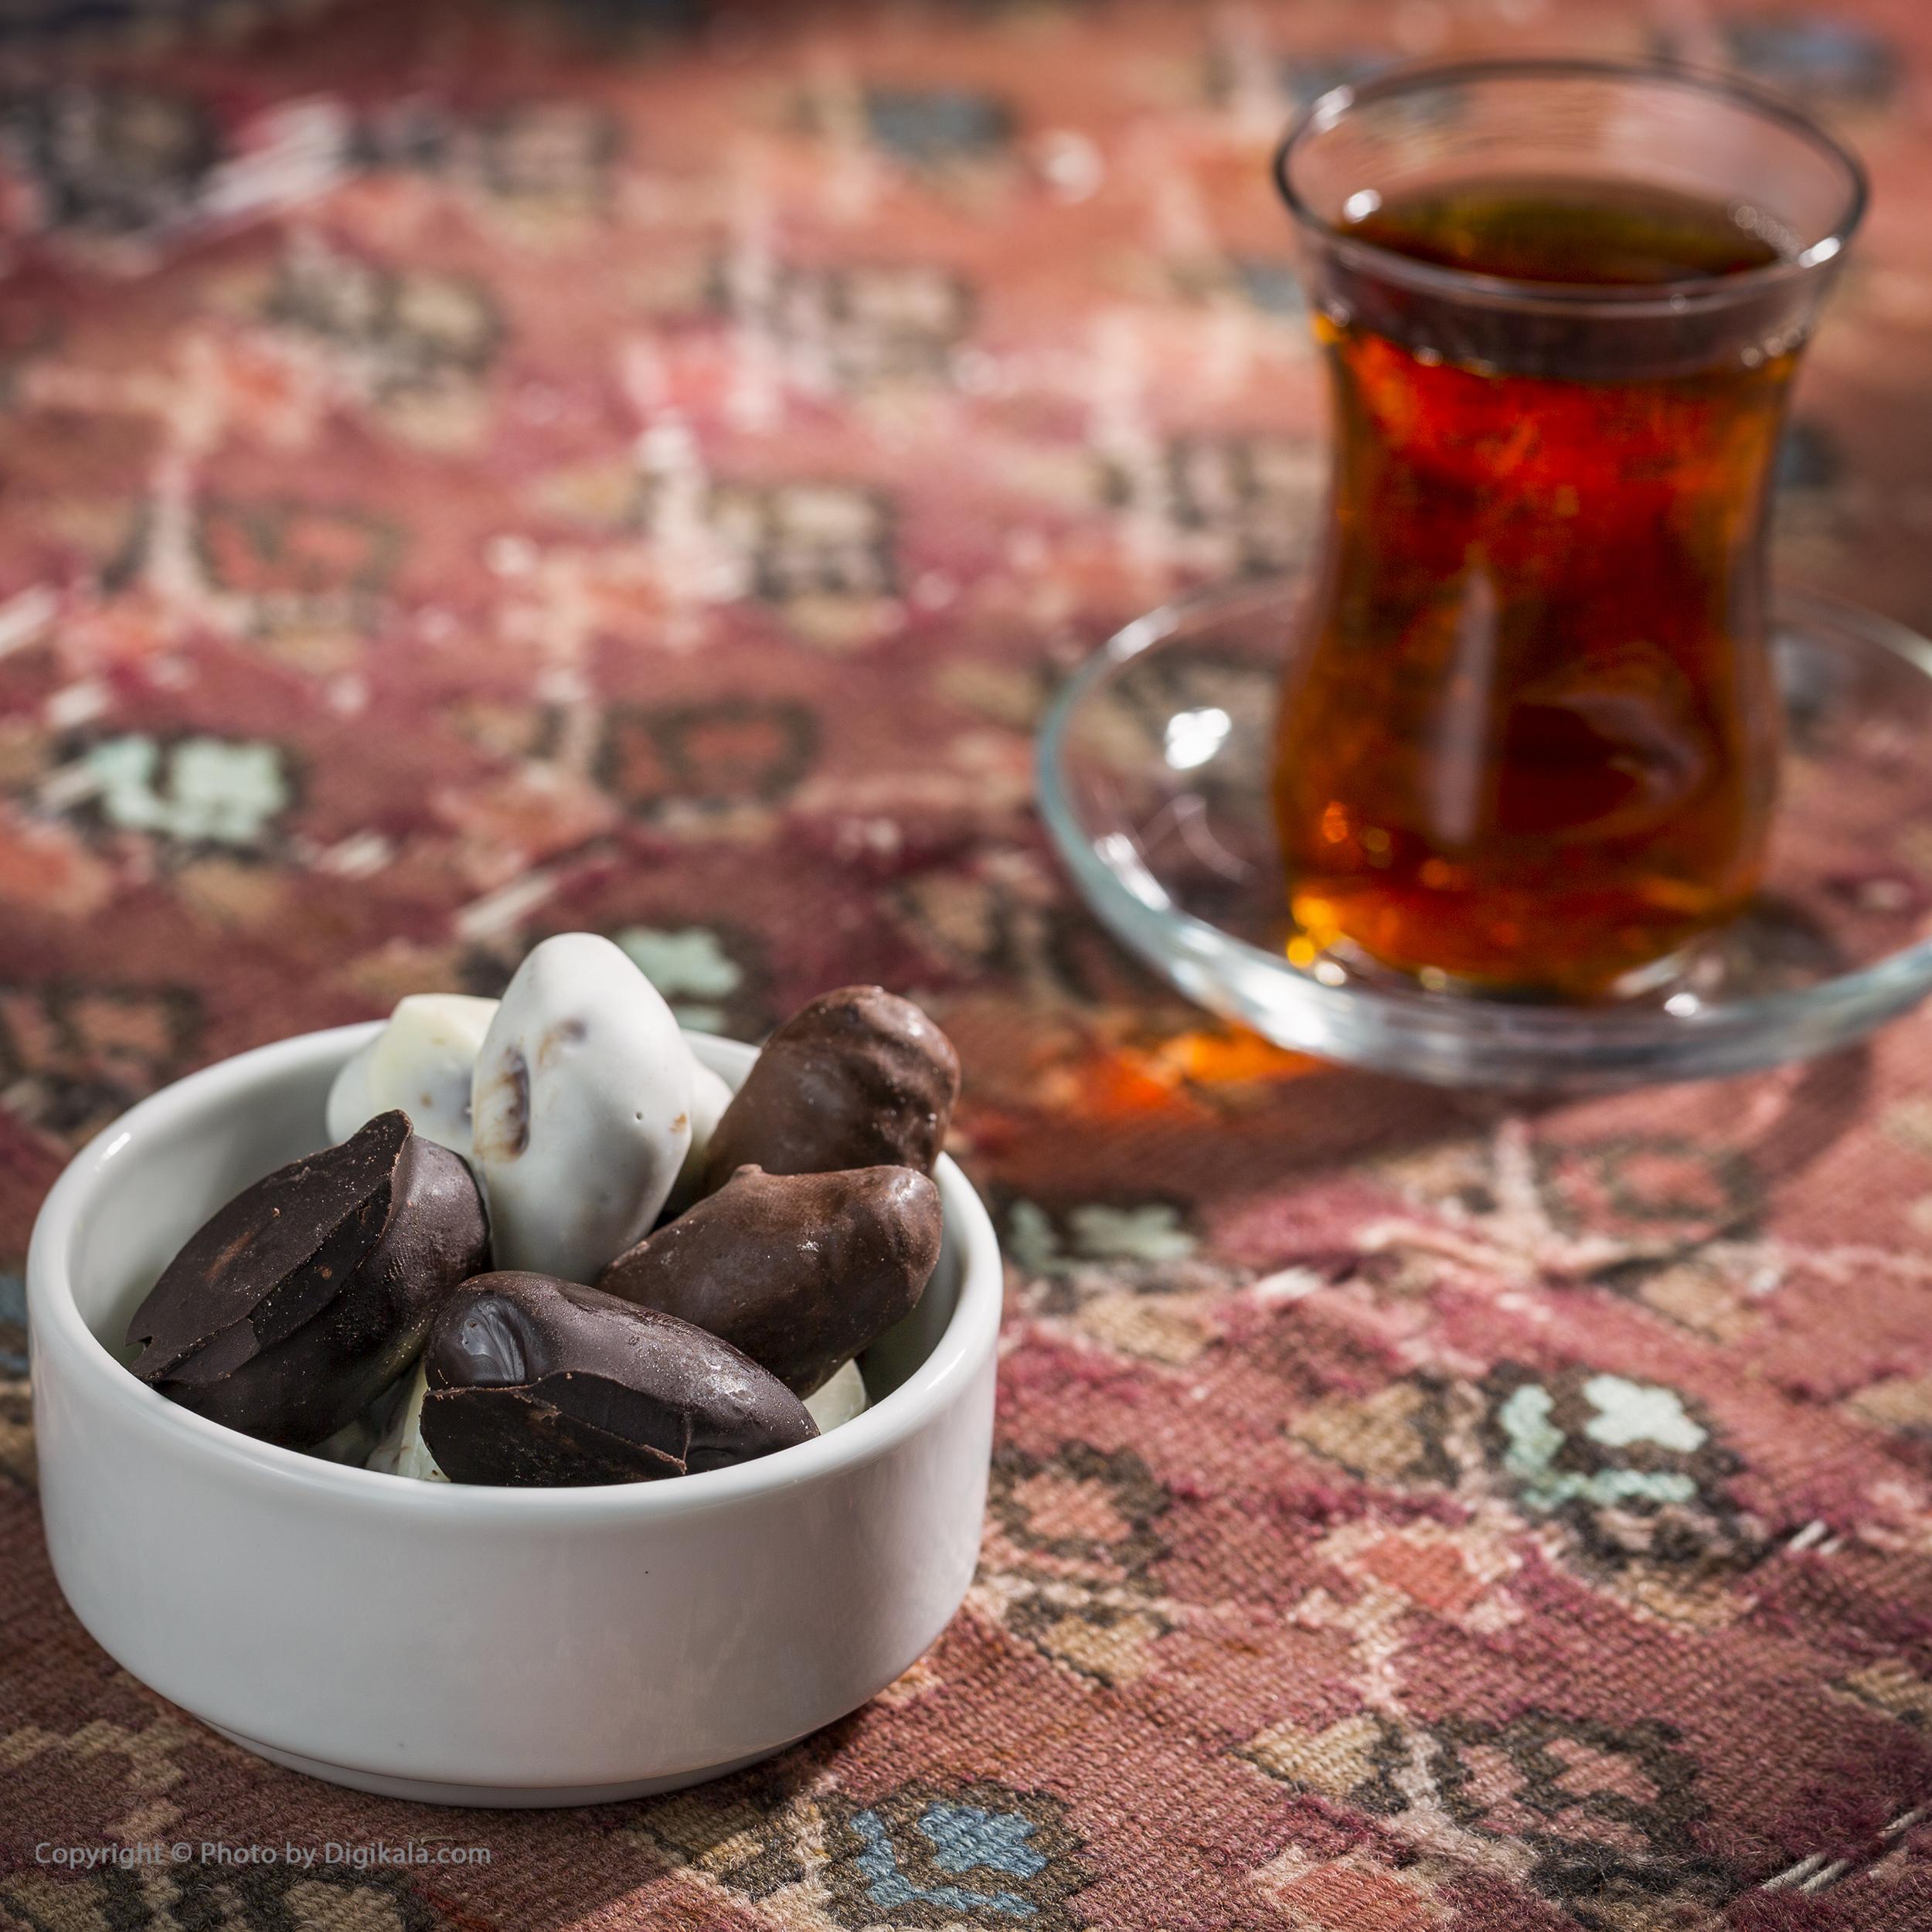 خرما با مغز بادام و روکش شکلات شیگوار - 800 گرم main 1 1